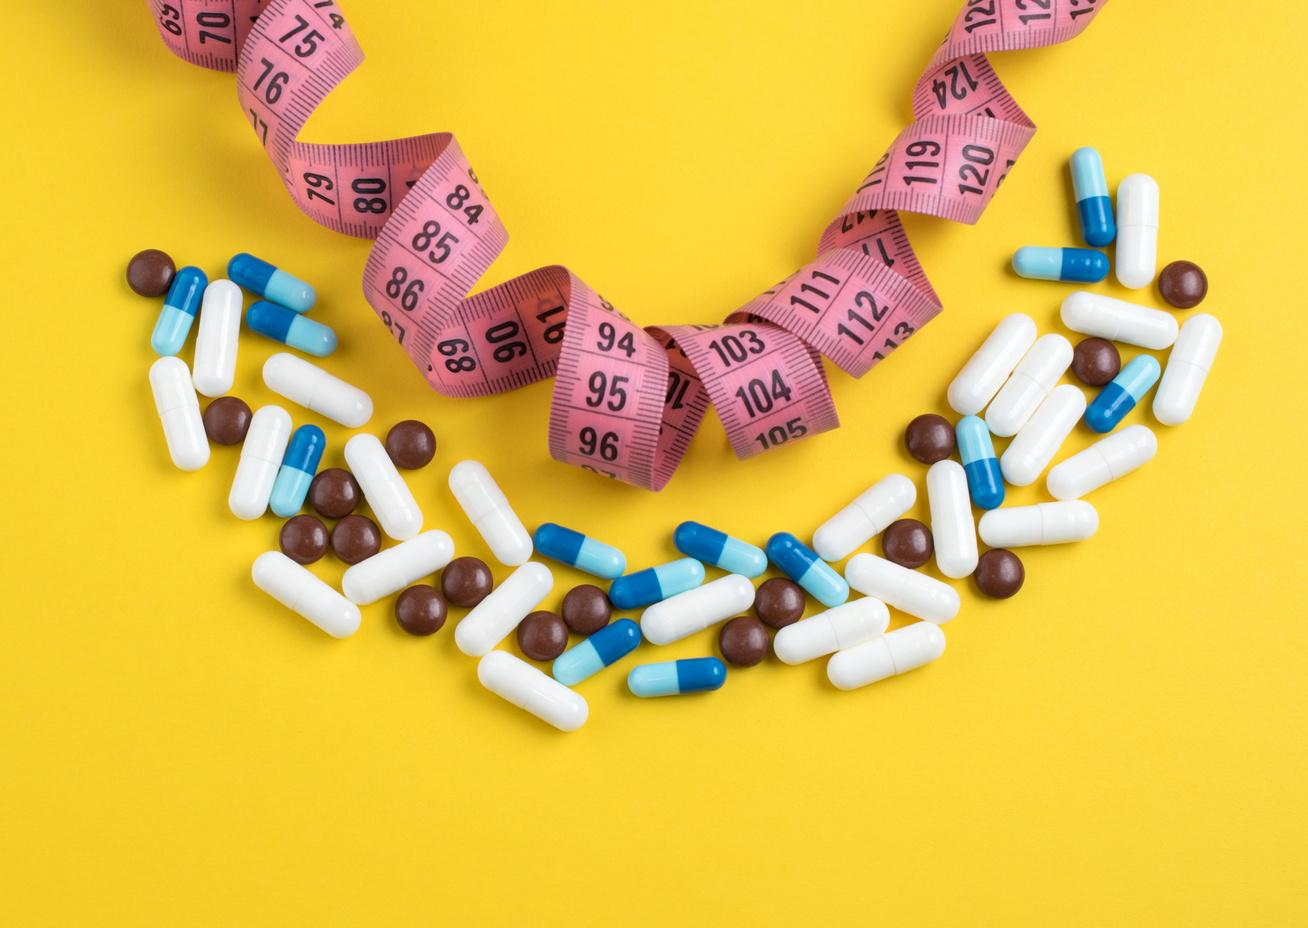 hogyan lehet örökre megszabadulni a magas vérnyomástól tabletták nélkül agyi magas vérnyomás és kezelése